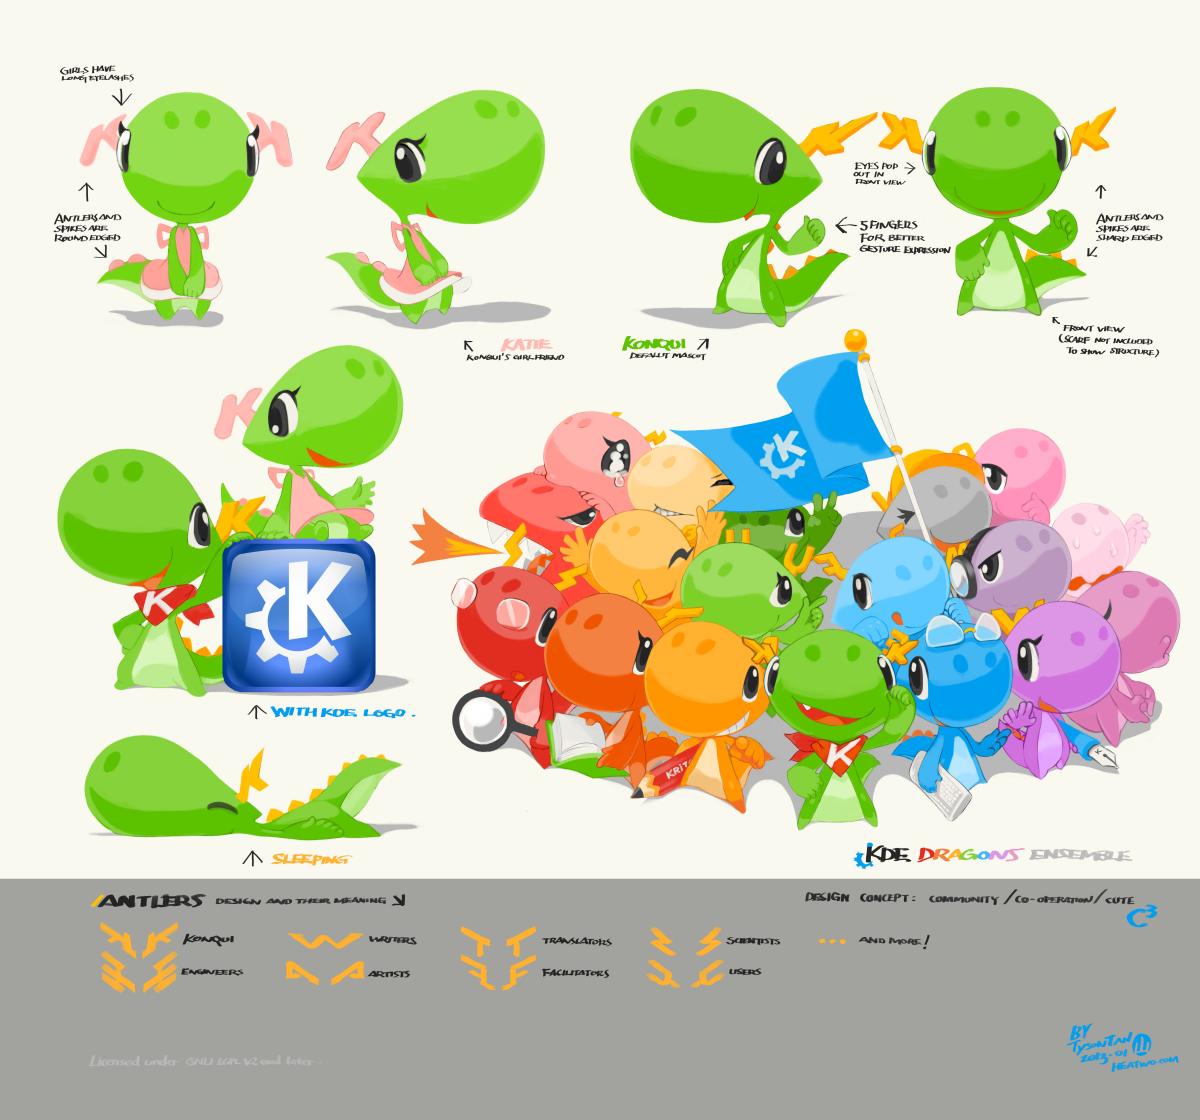 mascot_20130120_KDE_3_original